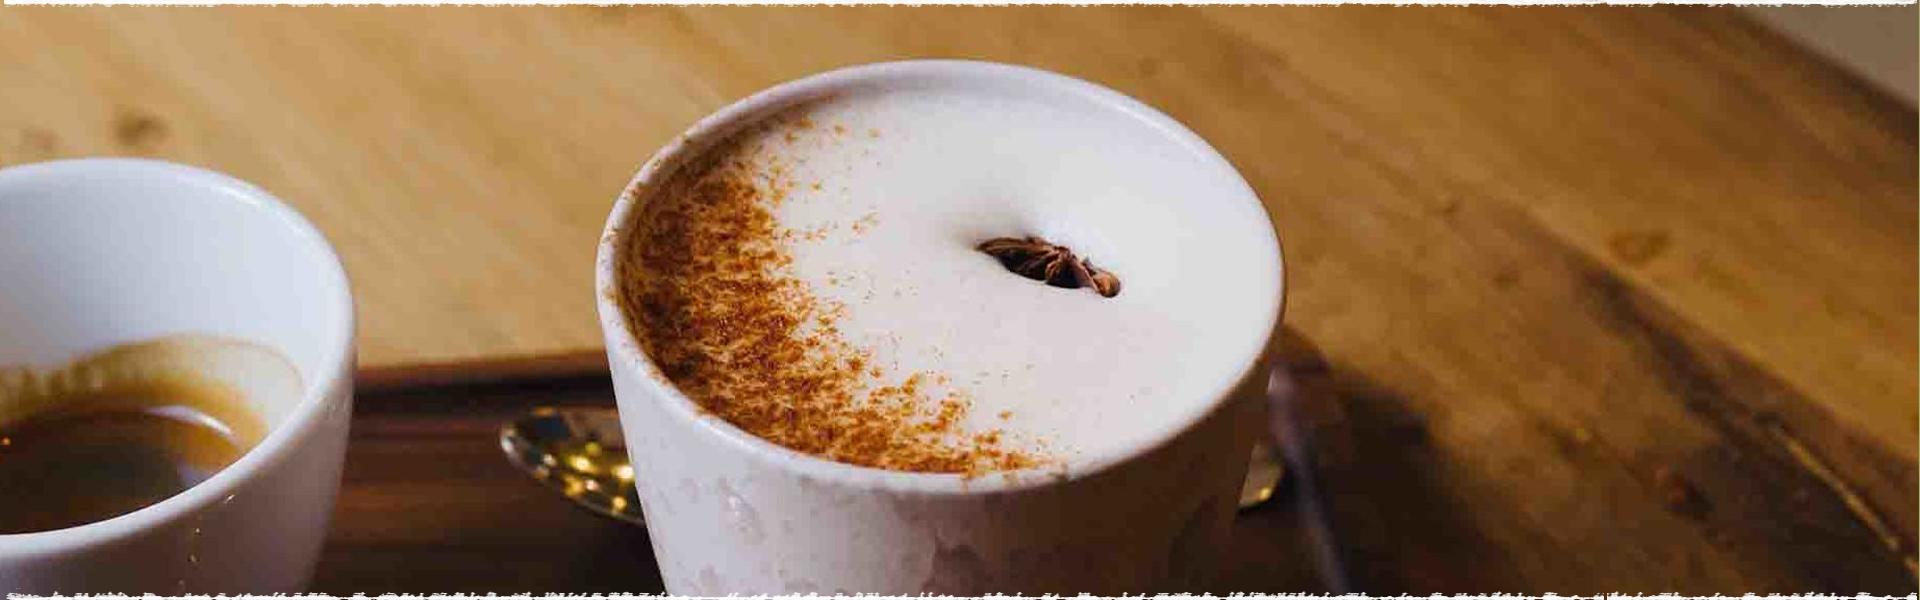 Chai ou thé indien au lait et aux épices